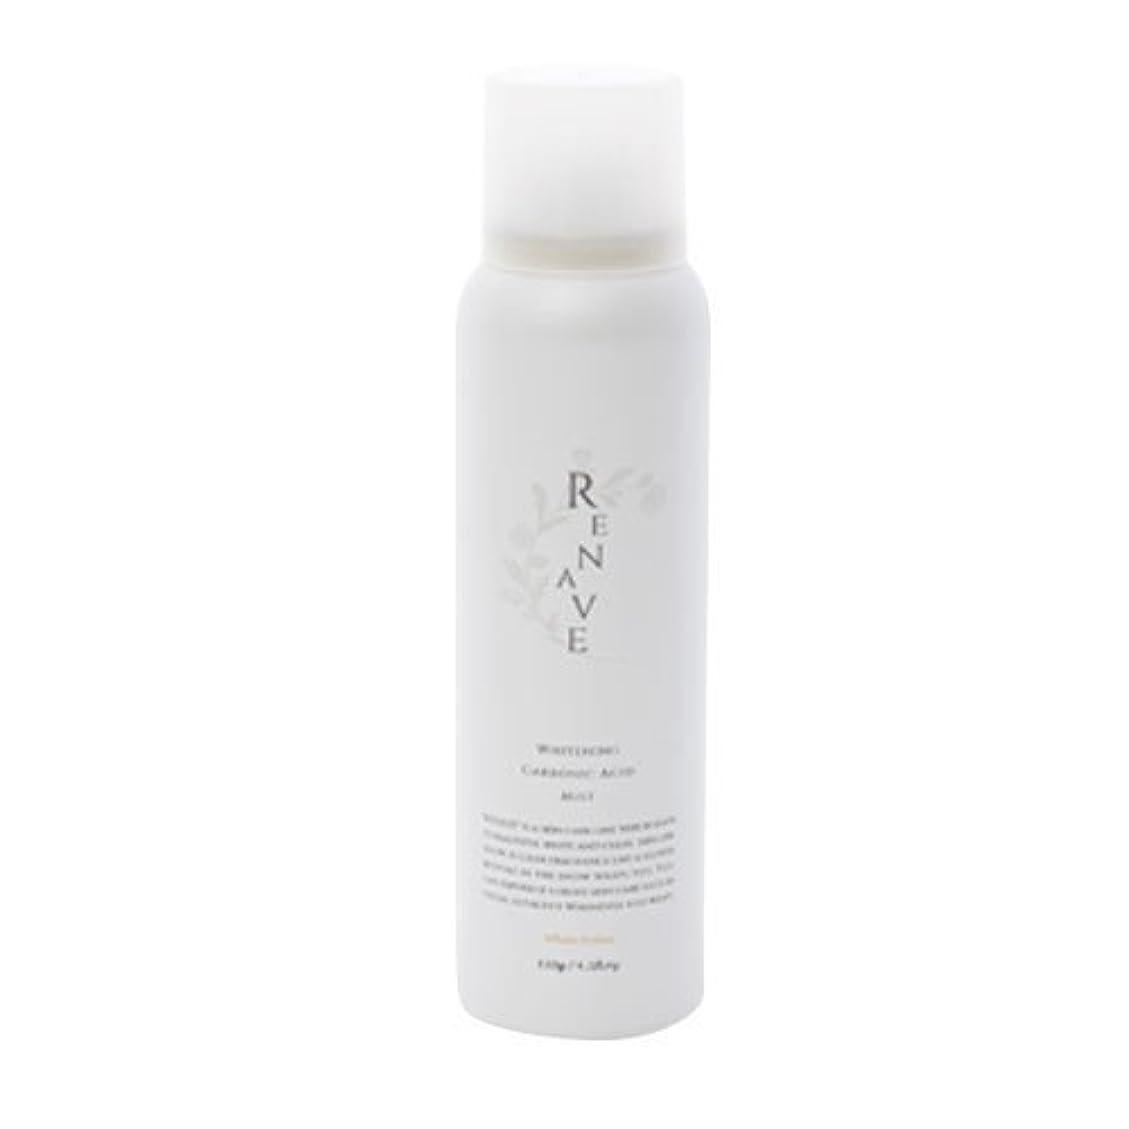 注釈ワイドマークされたRENAVE(リネーヴェ) 高濃度炭酸ミスト 薬用美白化粧水 120ml